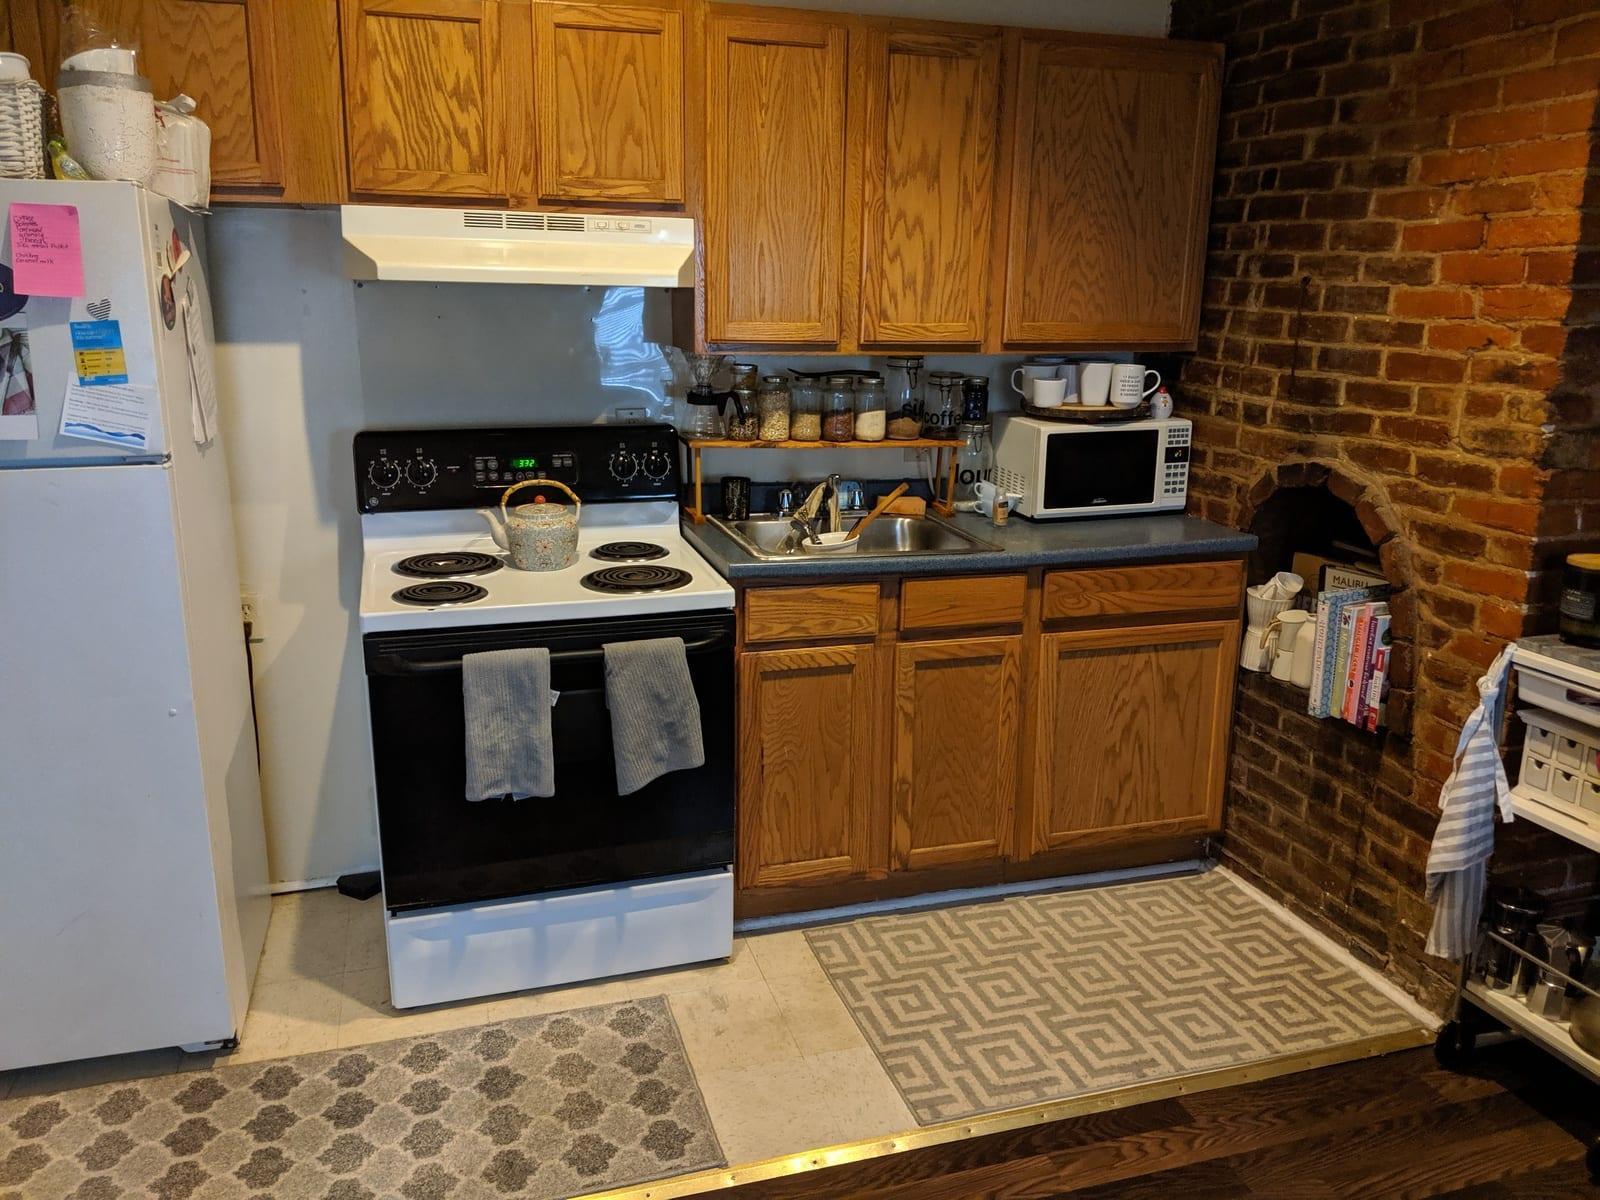 51 617 Paca 2 Kitchen